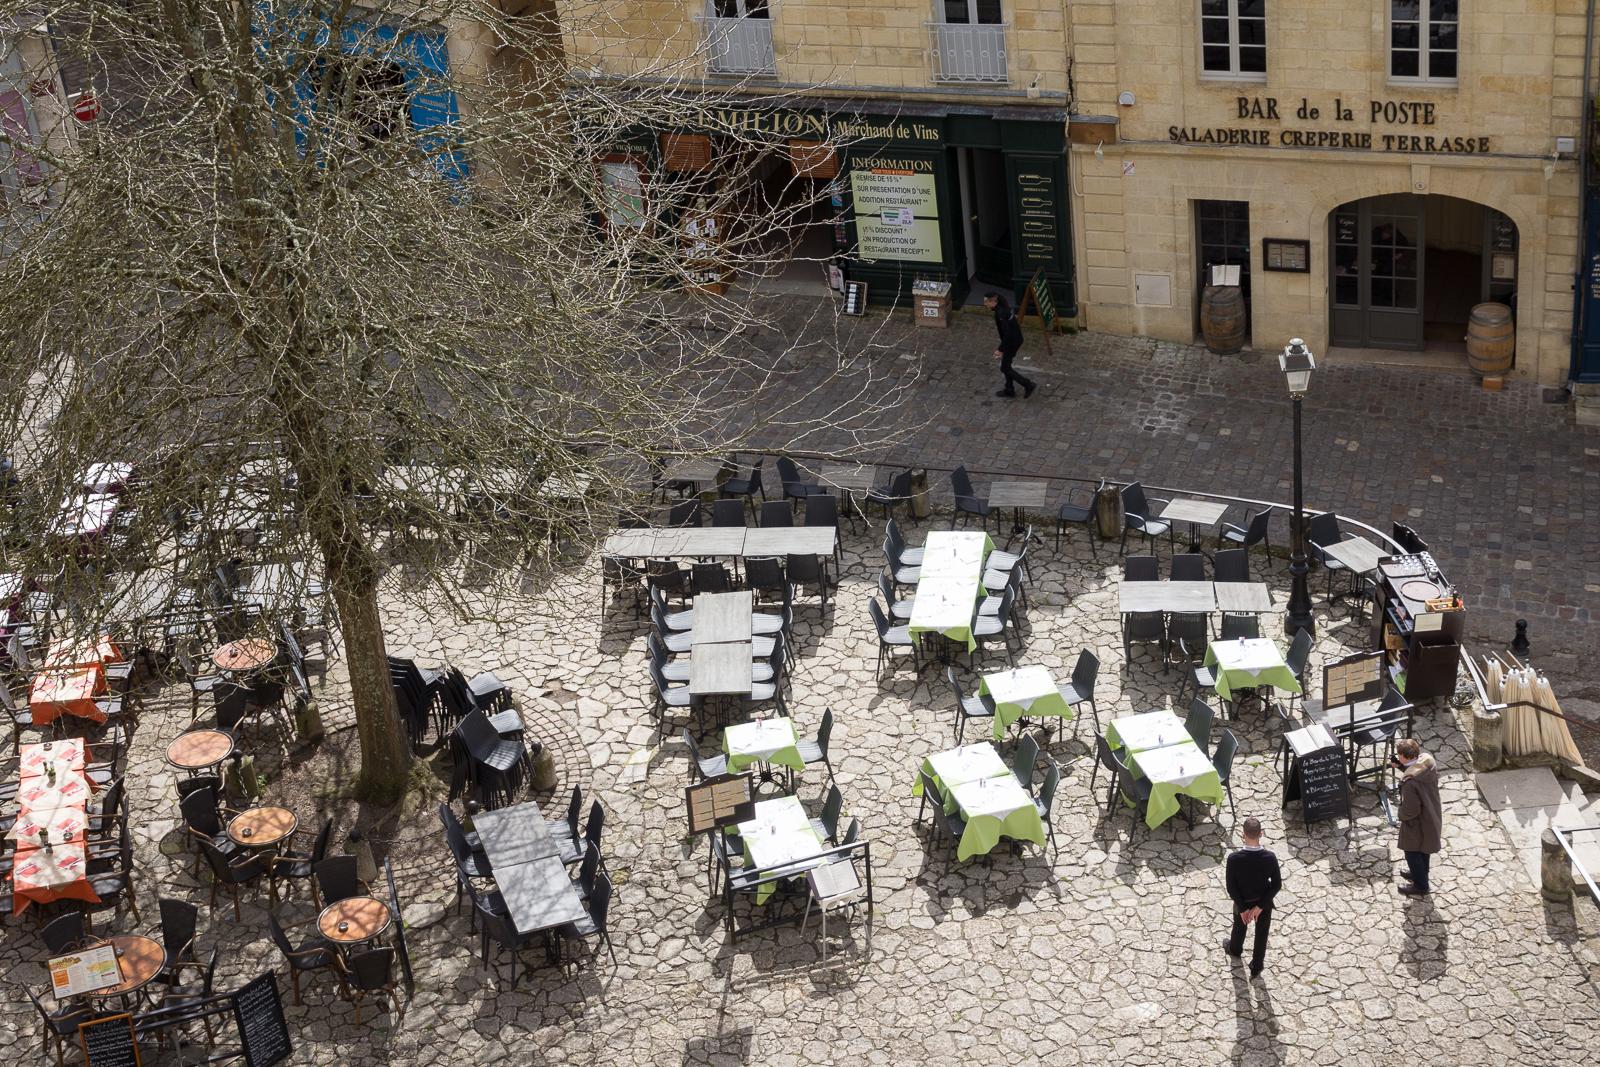 Saint-Emilion - France